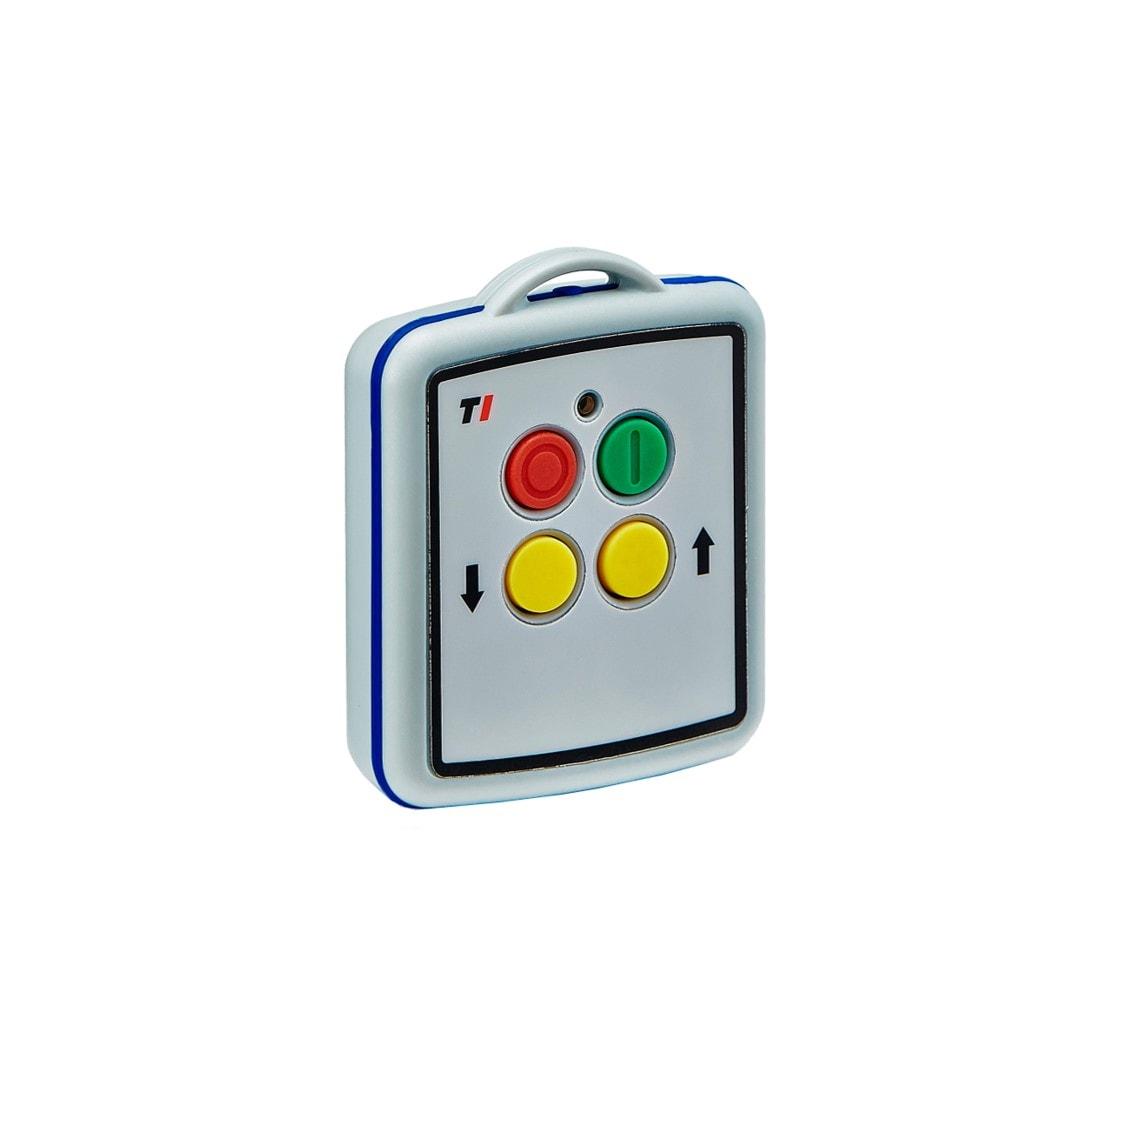 Funkfernsteuerung ohne Not-Halt mit 2 Funktionen